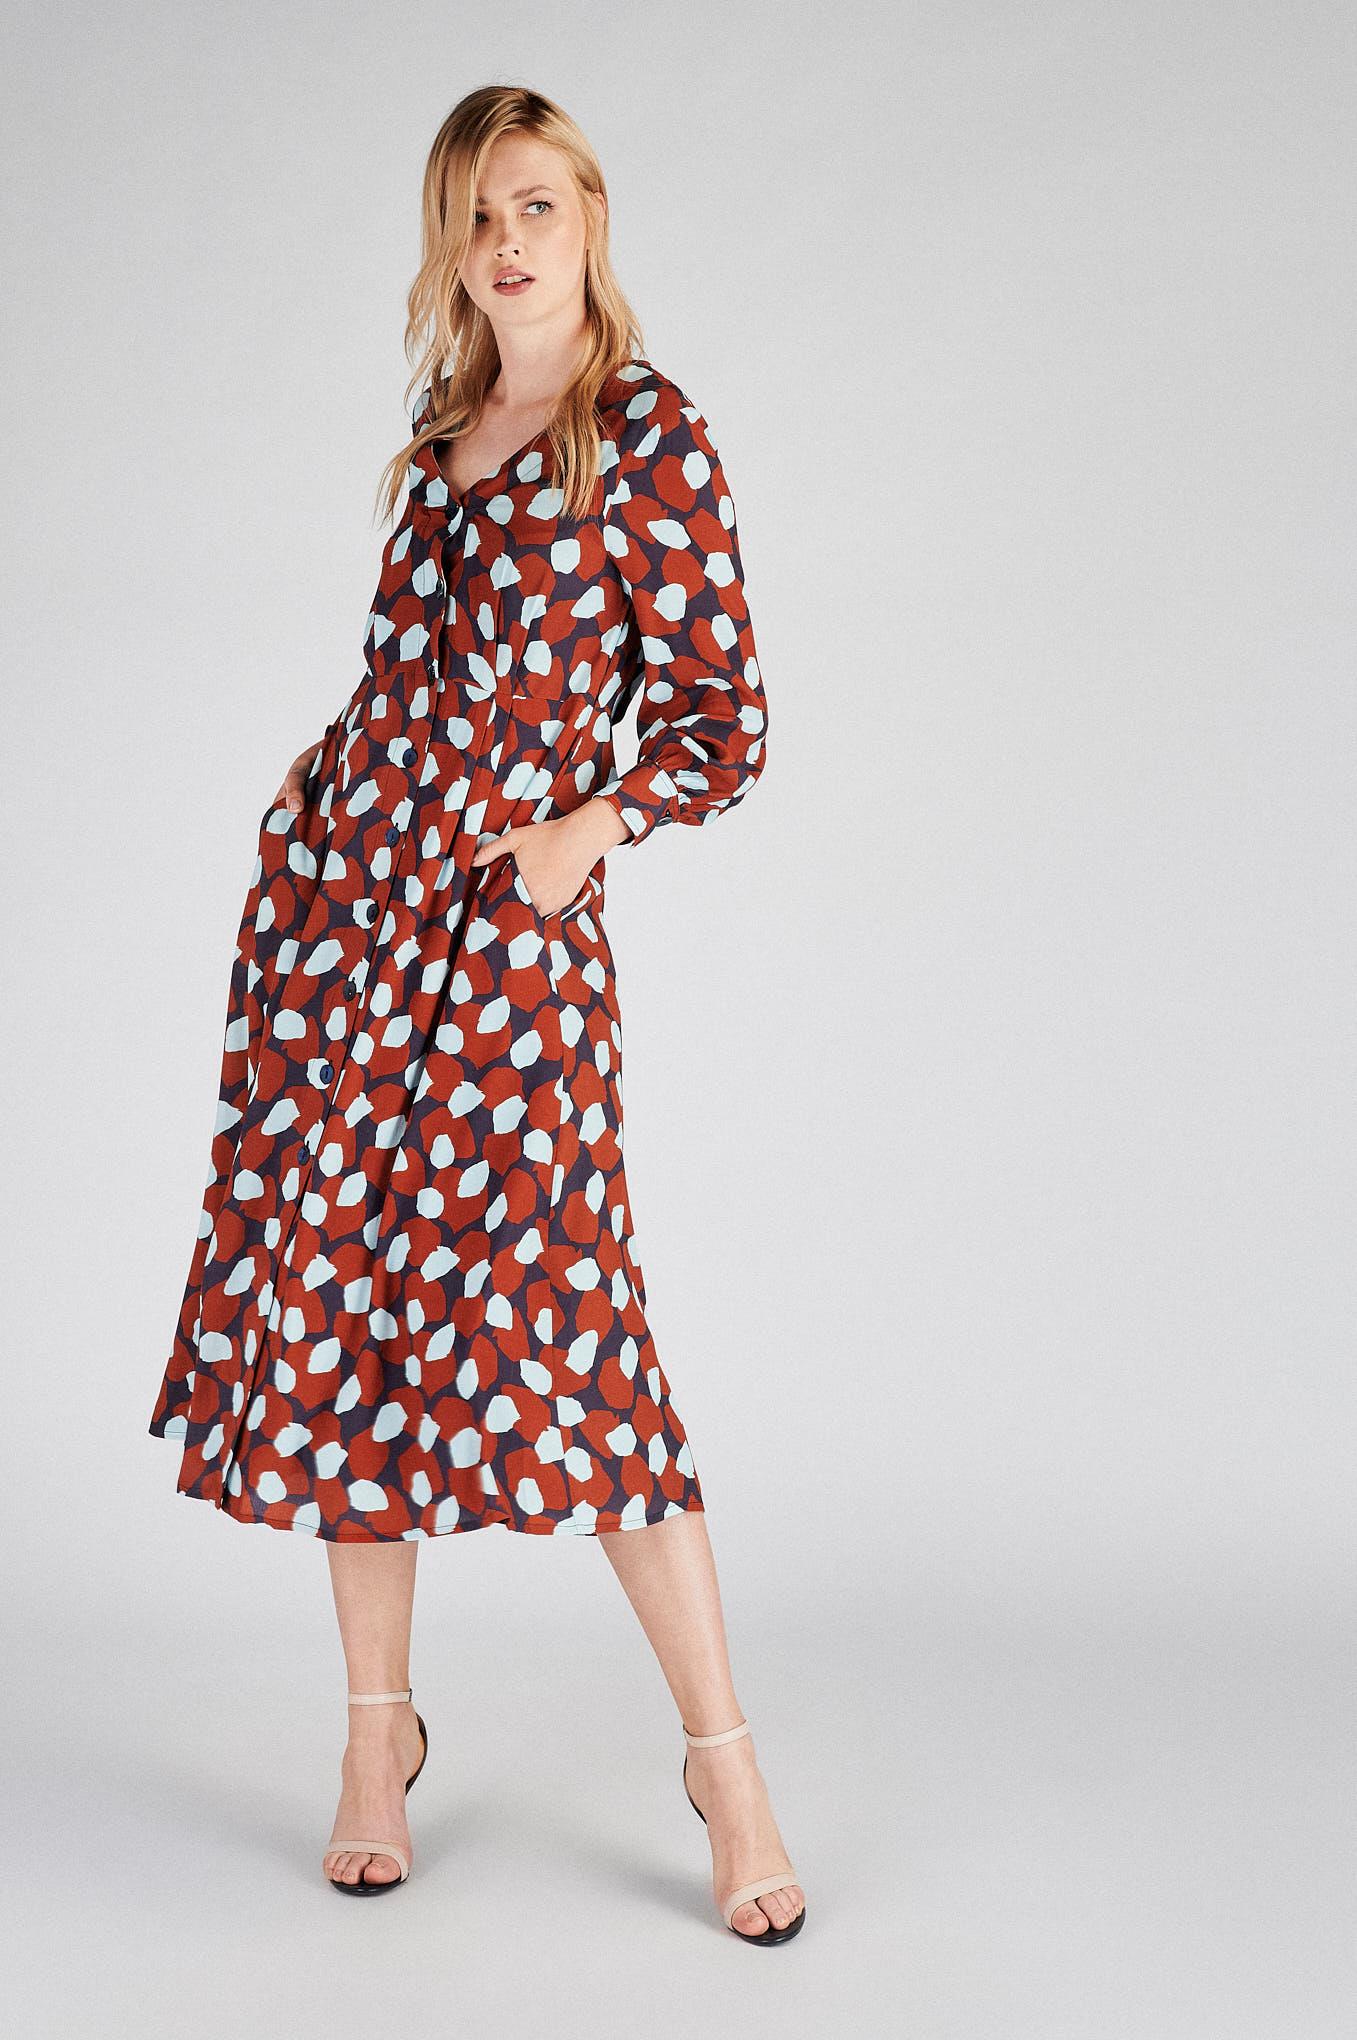 Dress Print Fantasy Woman